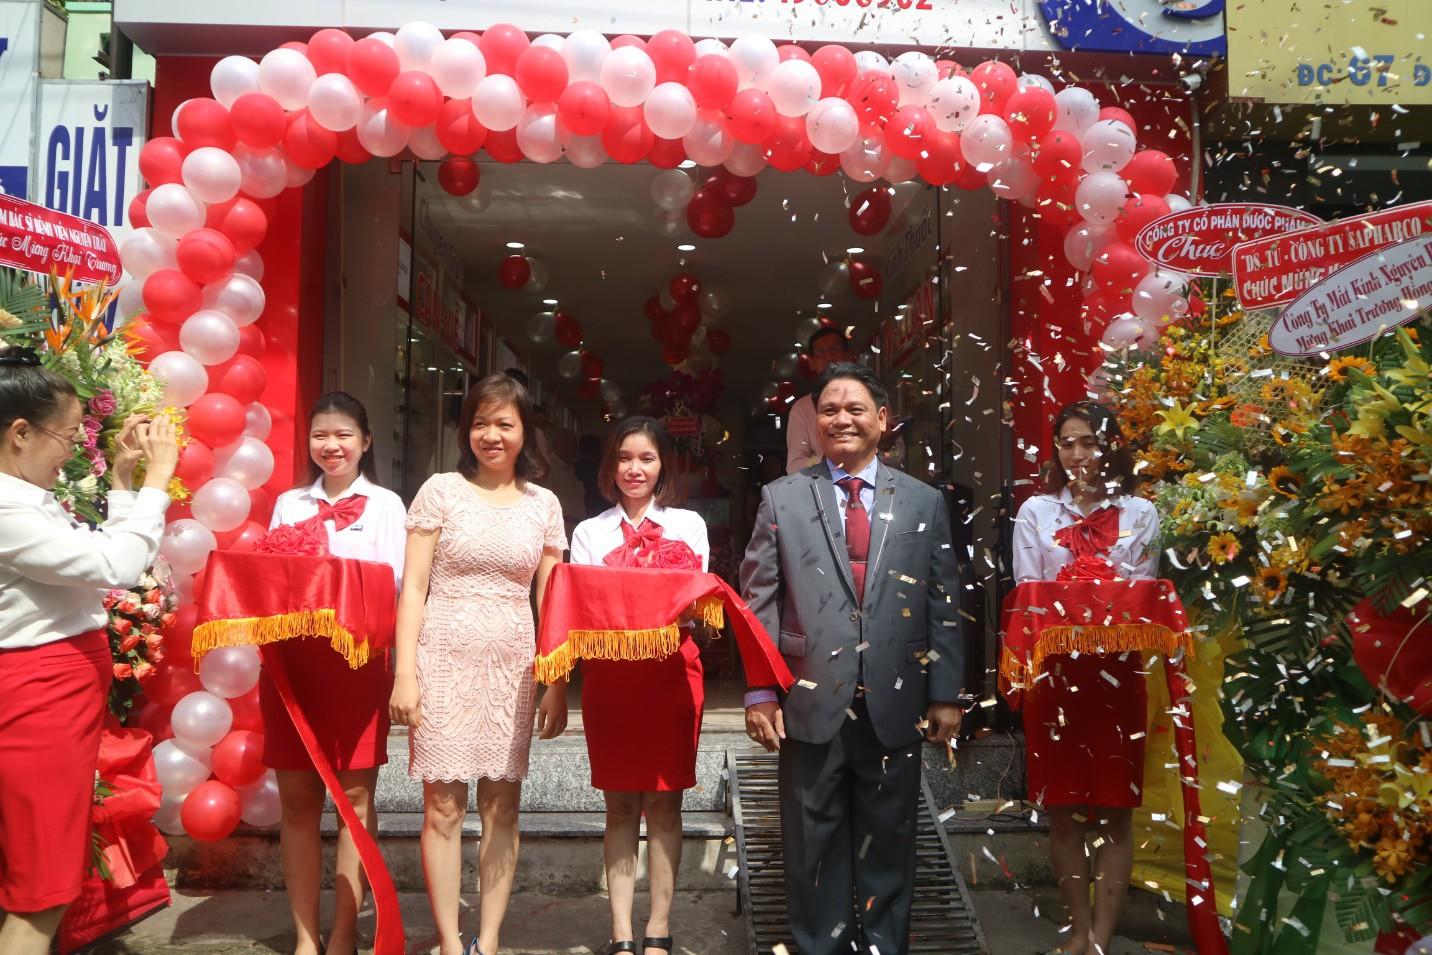 Mắt kính Salenoptic khai trương cửa hàng 65 Nguyễn Văn Thương - Ảnh 3.